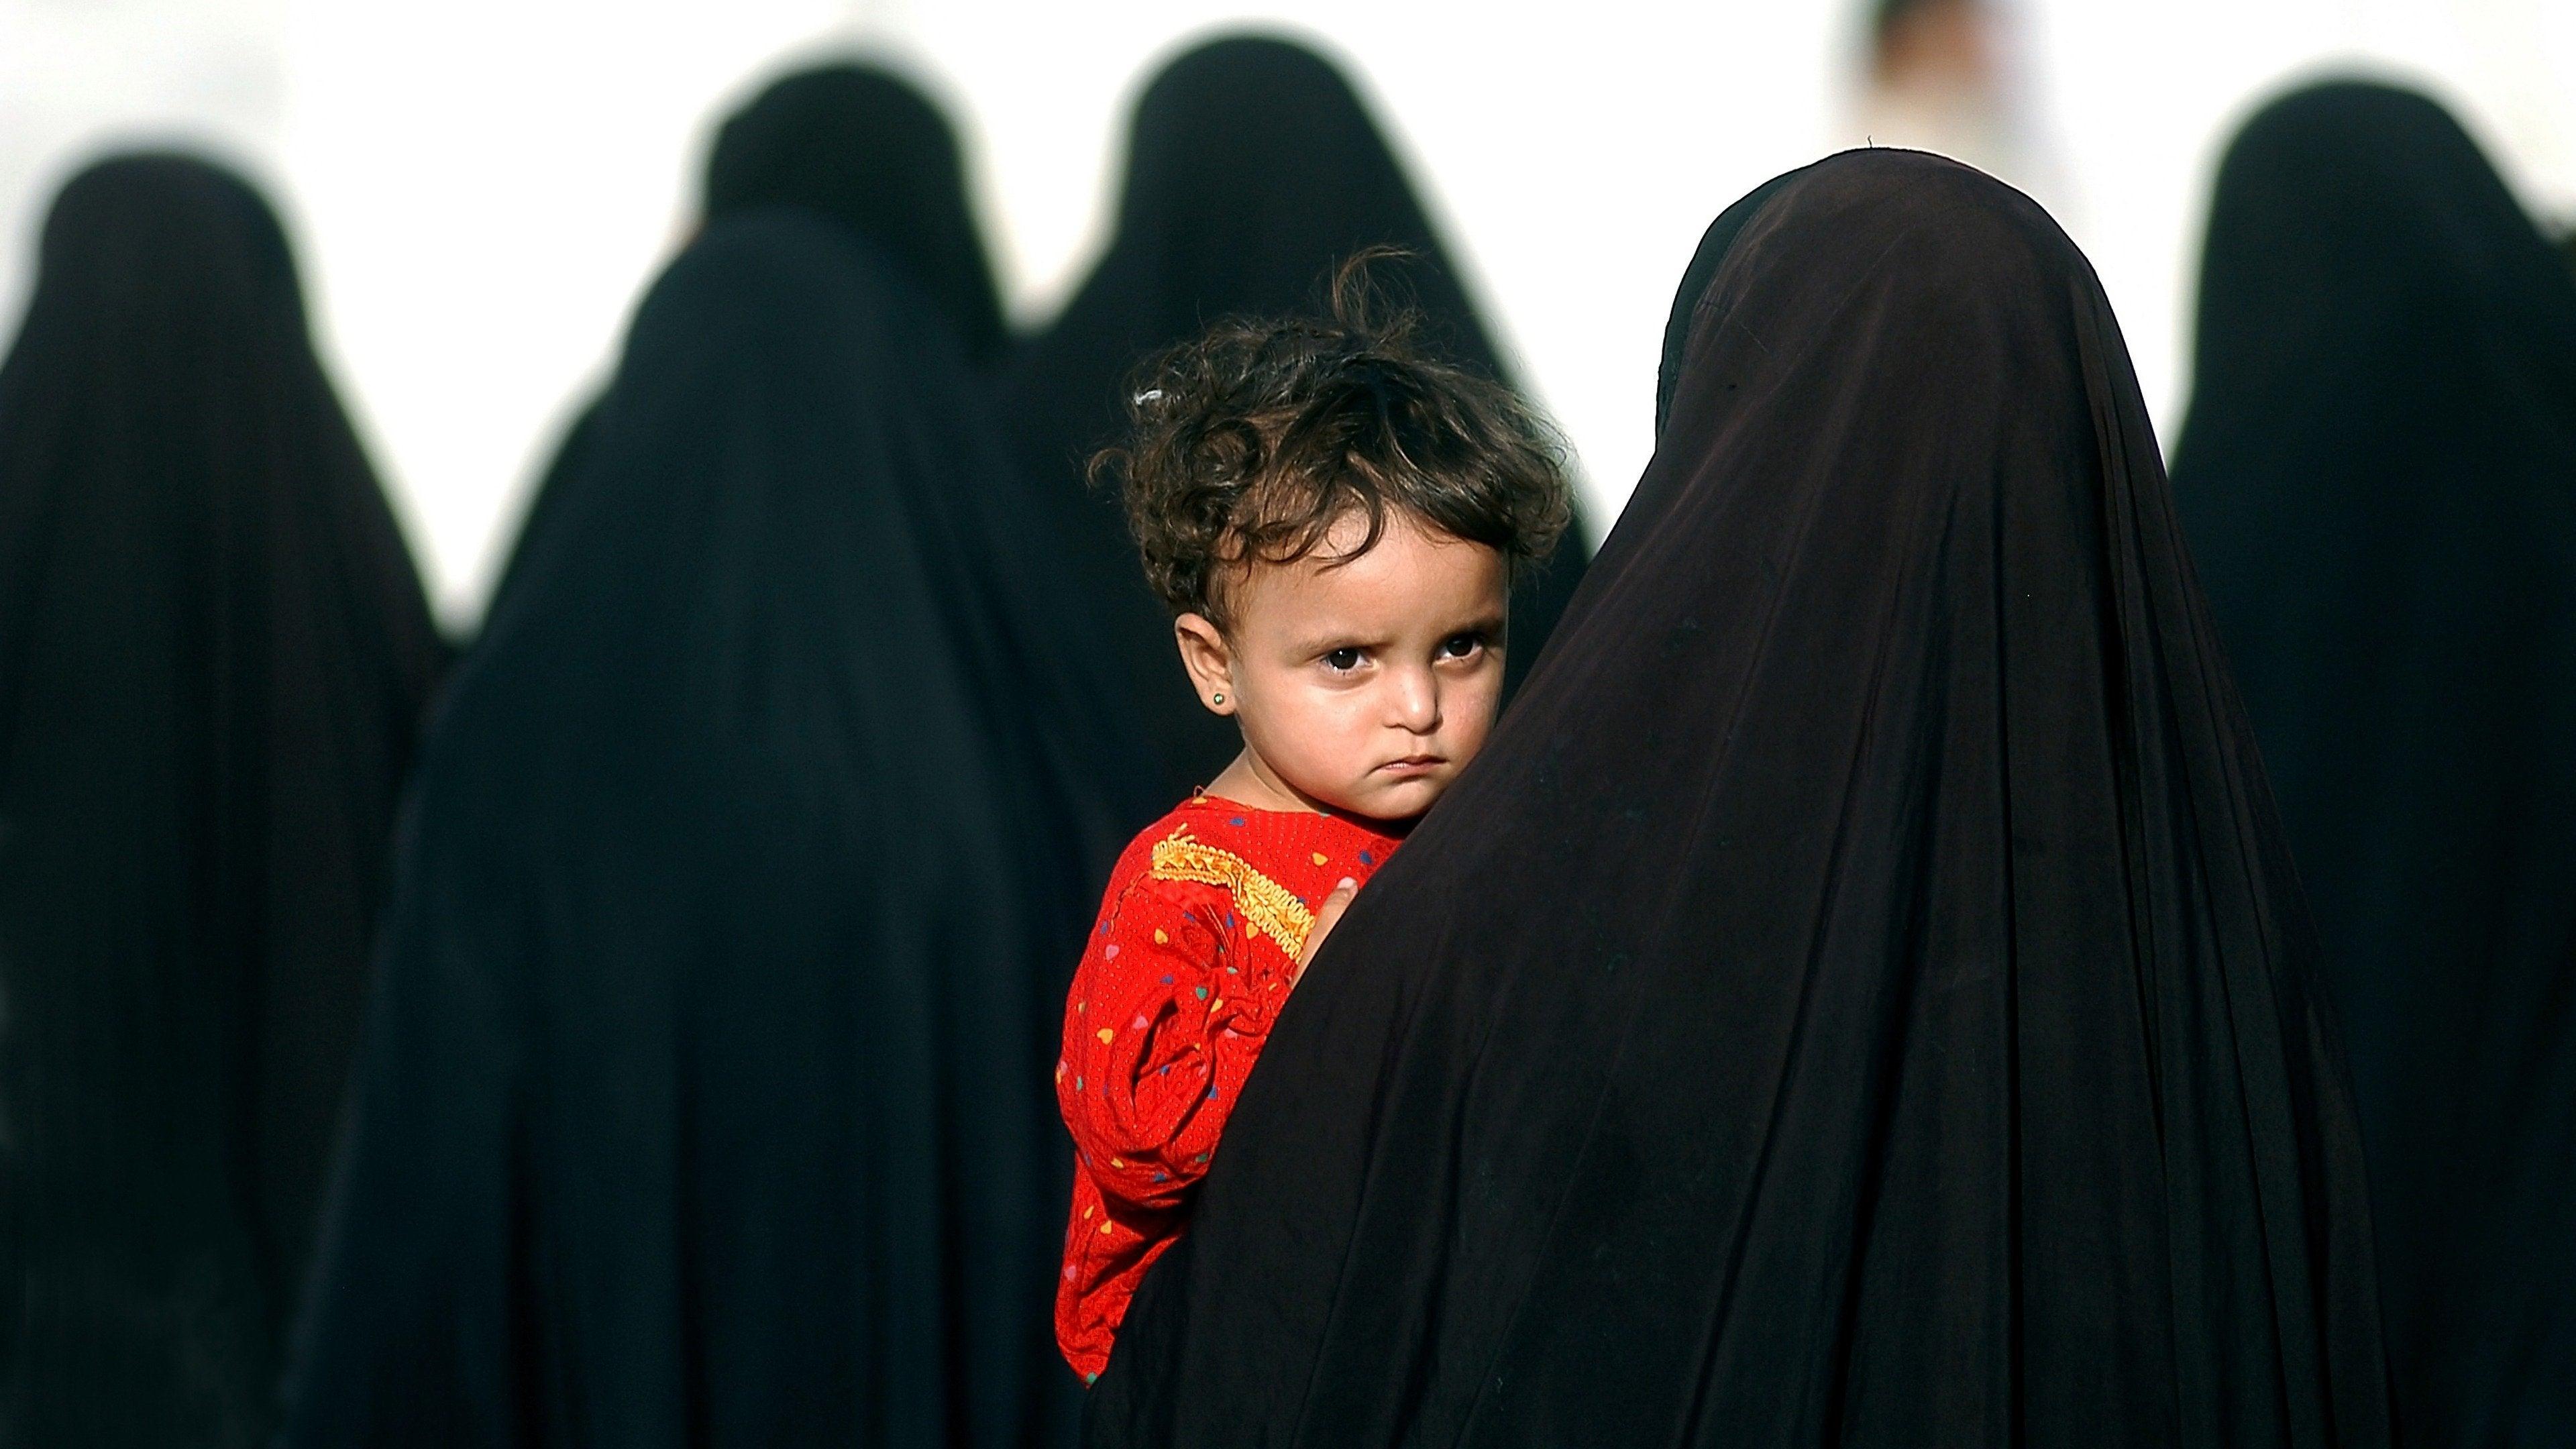 Iraq: The Women Healing a Nation